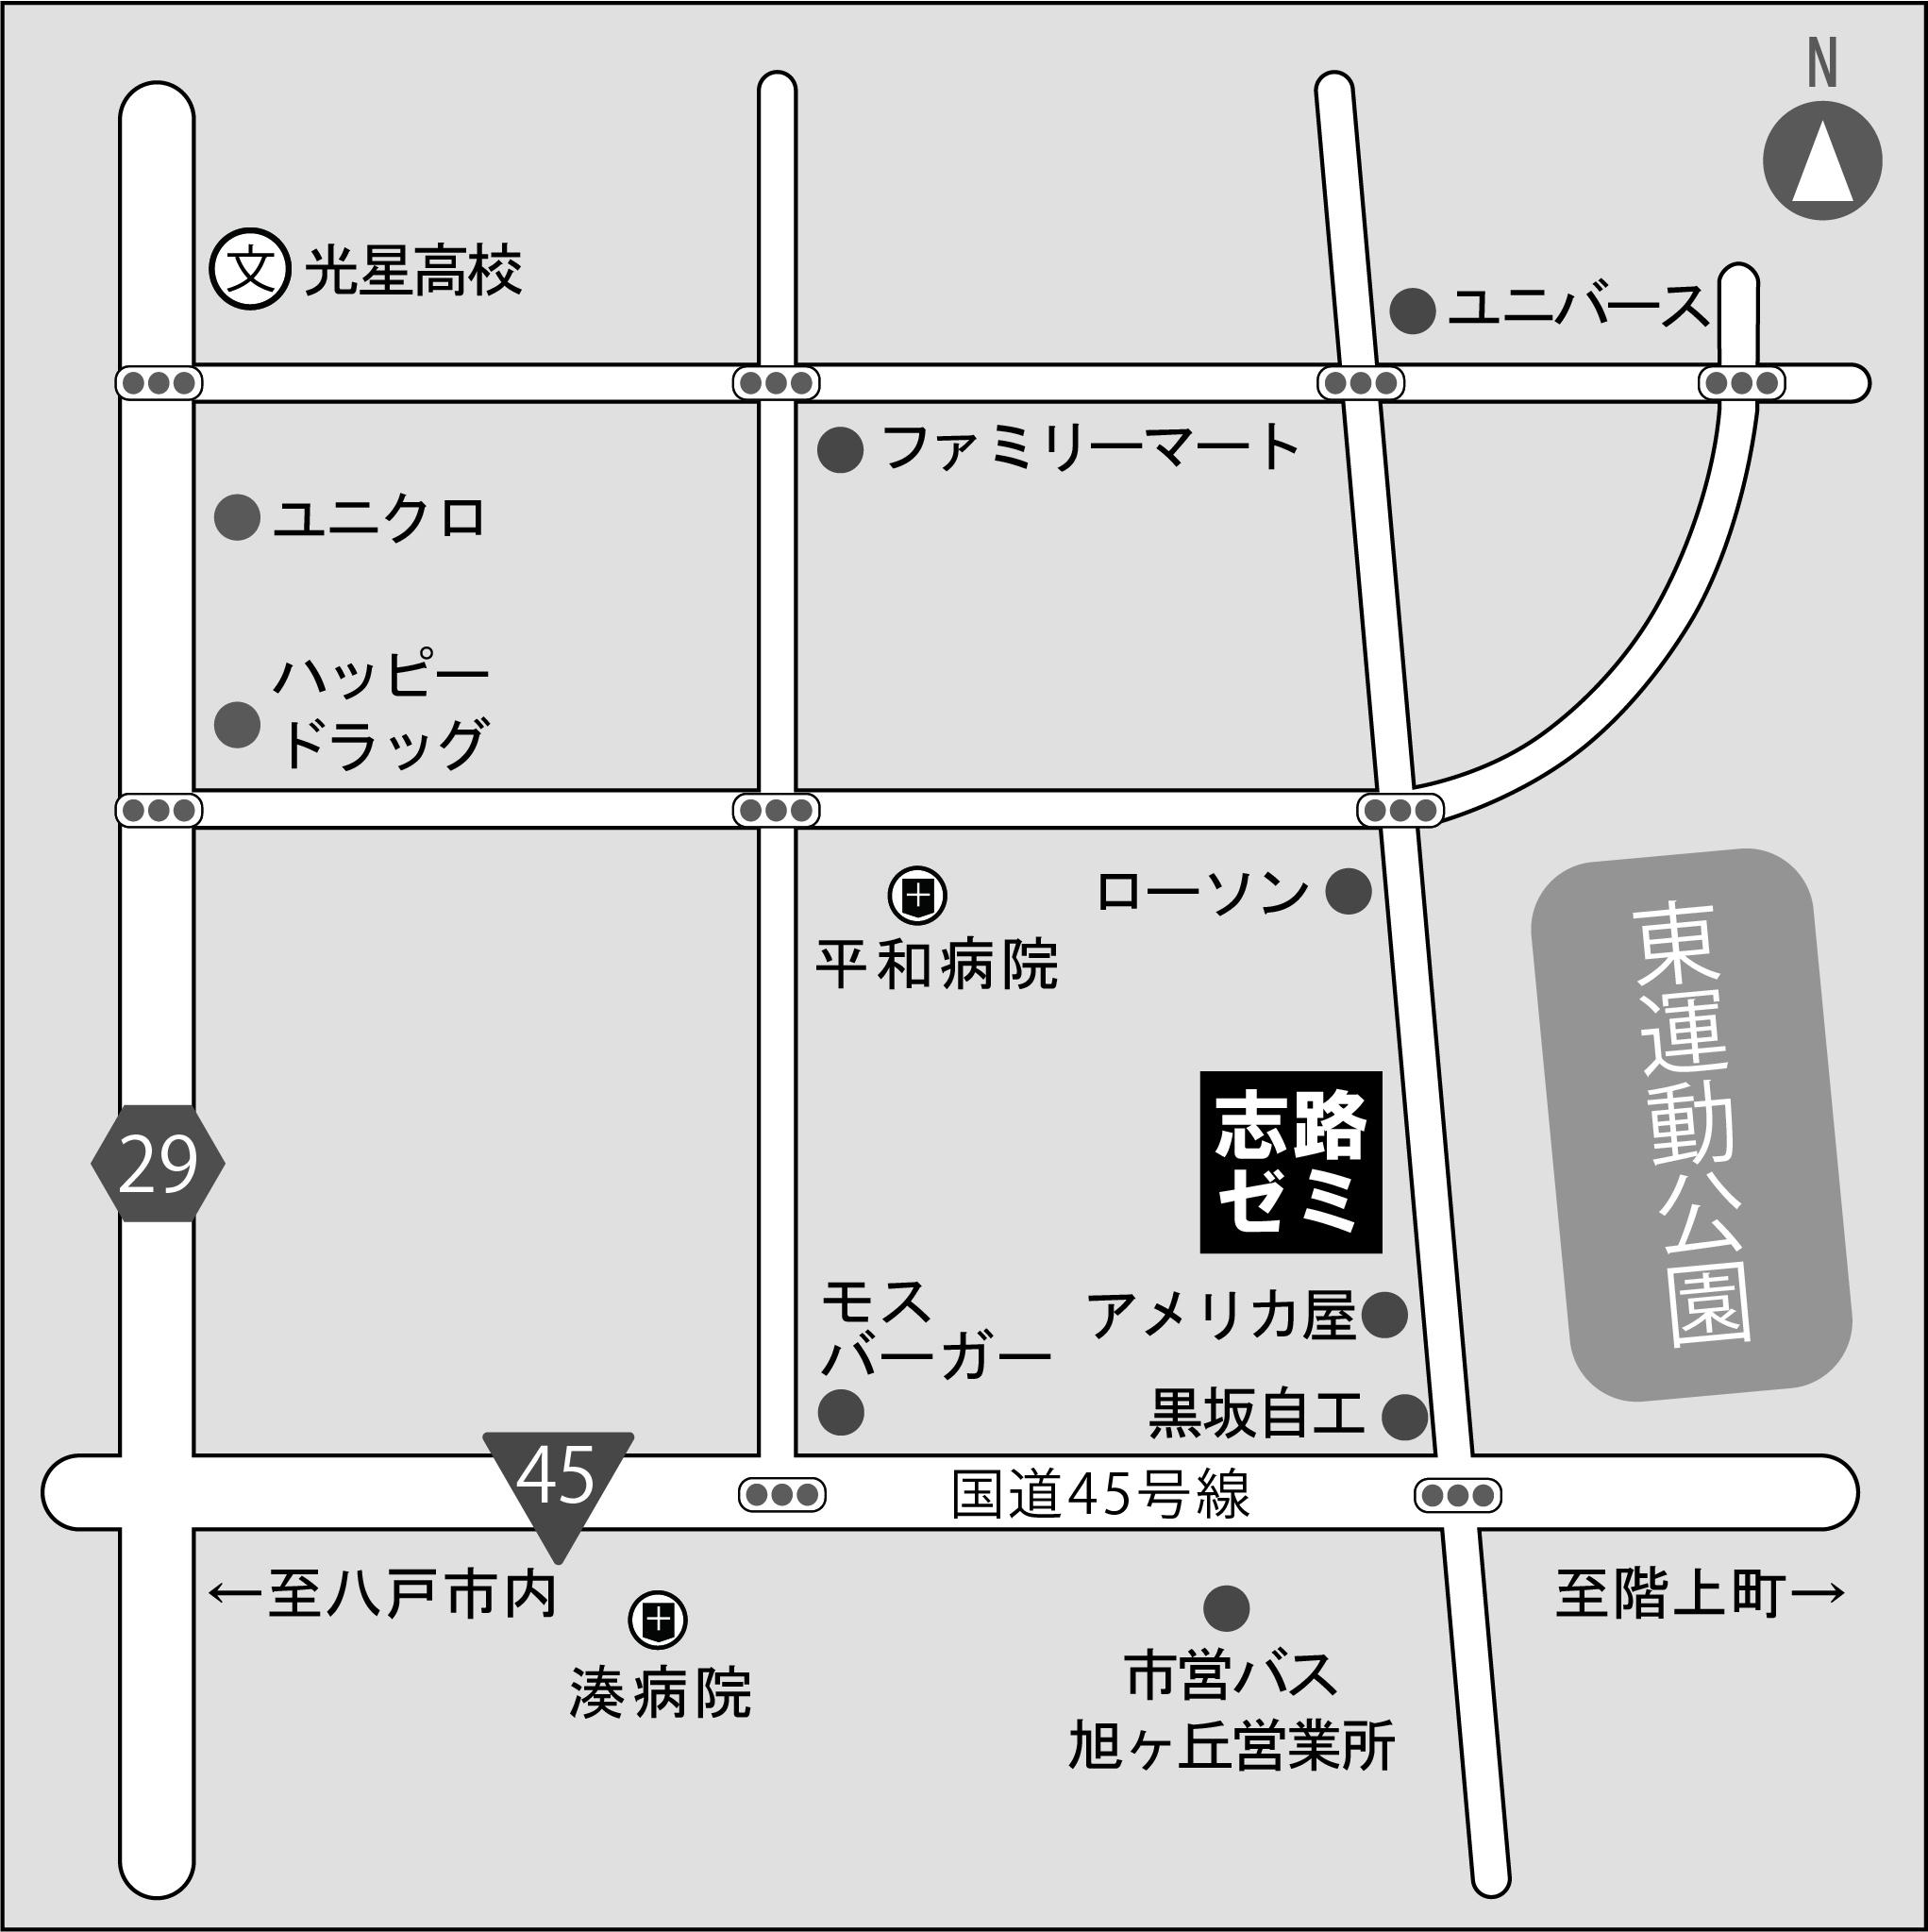 志路ゼミナールへのアクセス.jpg